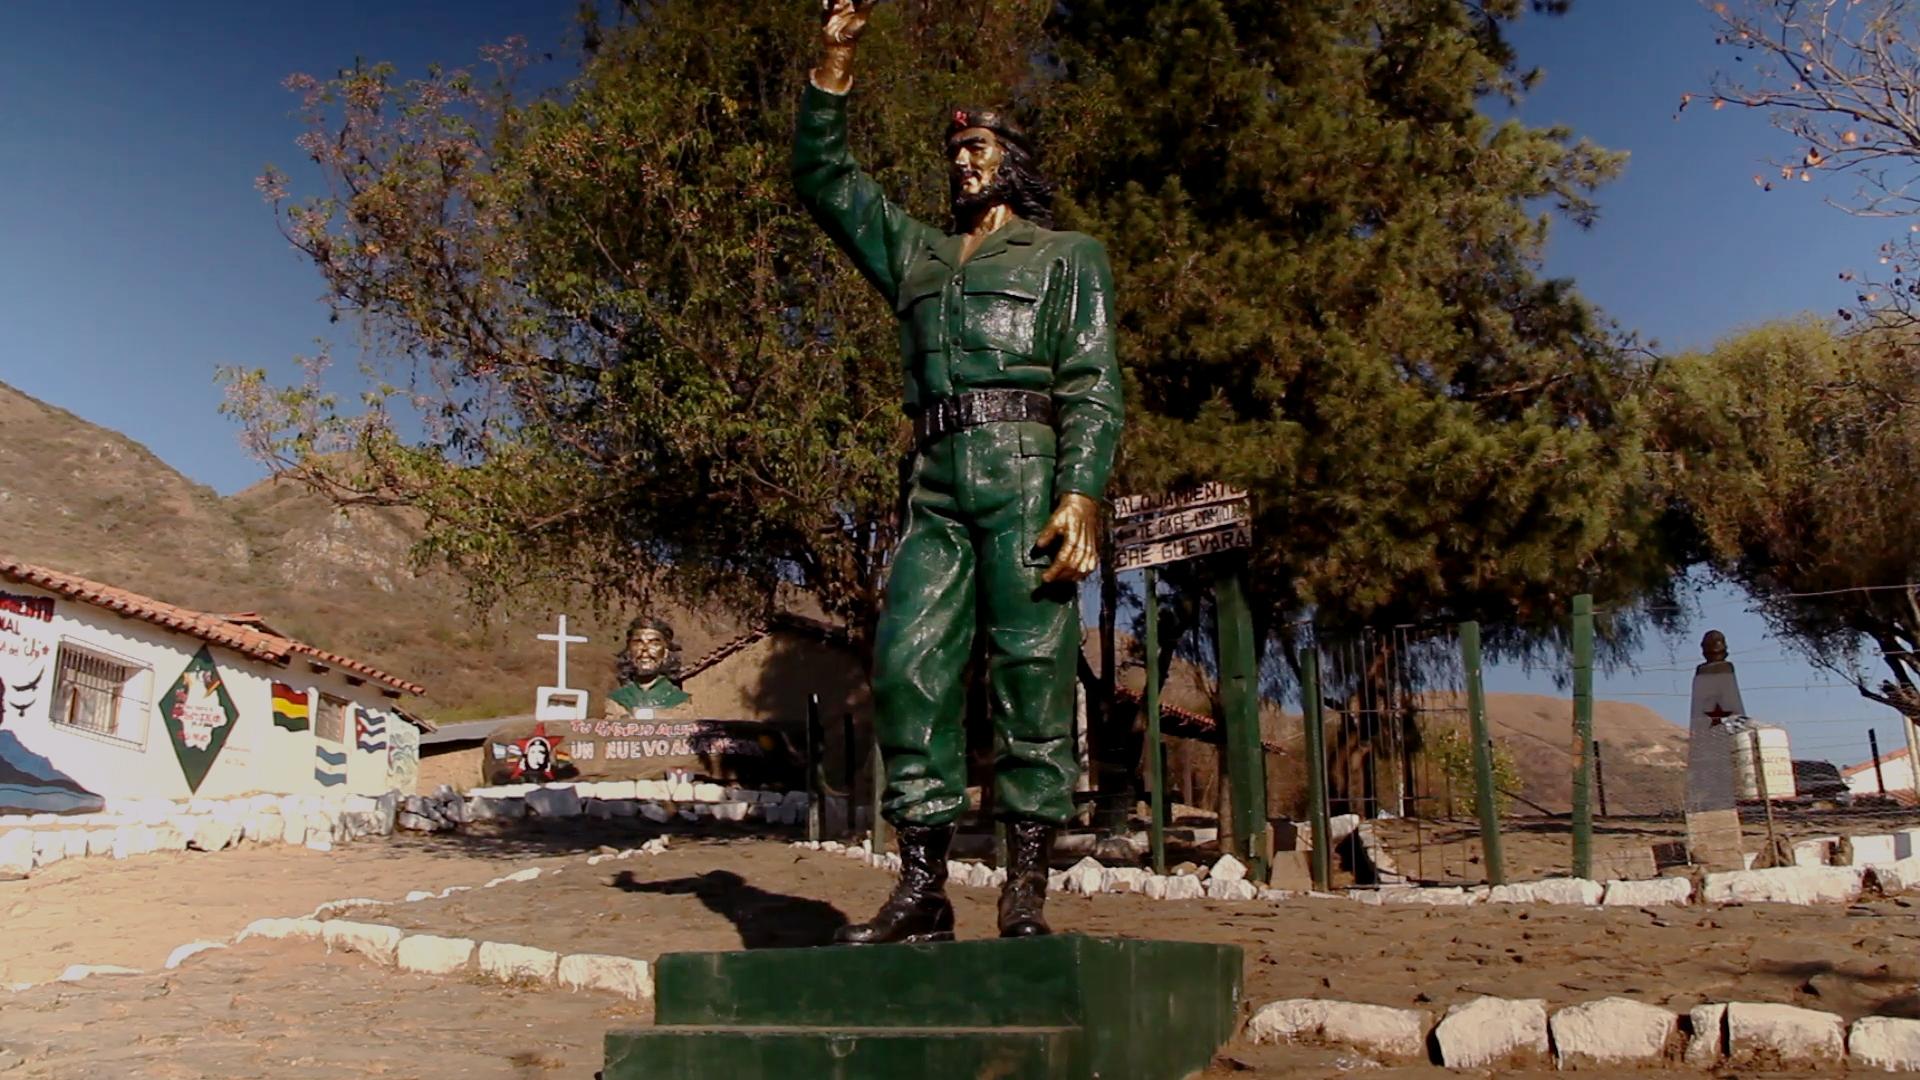 plaza higuera pablocaminante - Ruta del Che 2/2, La Higuera